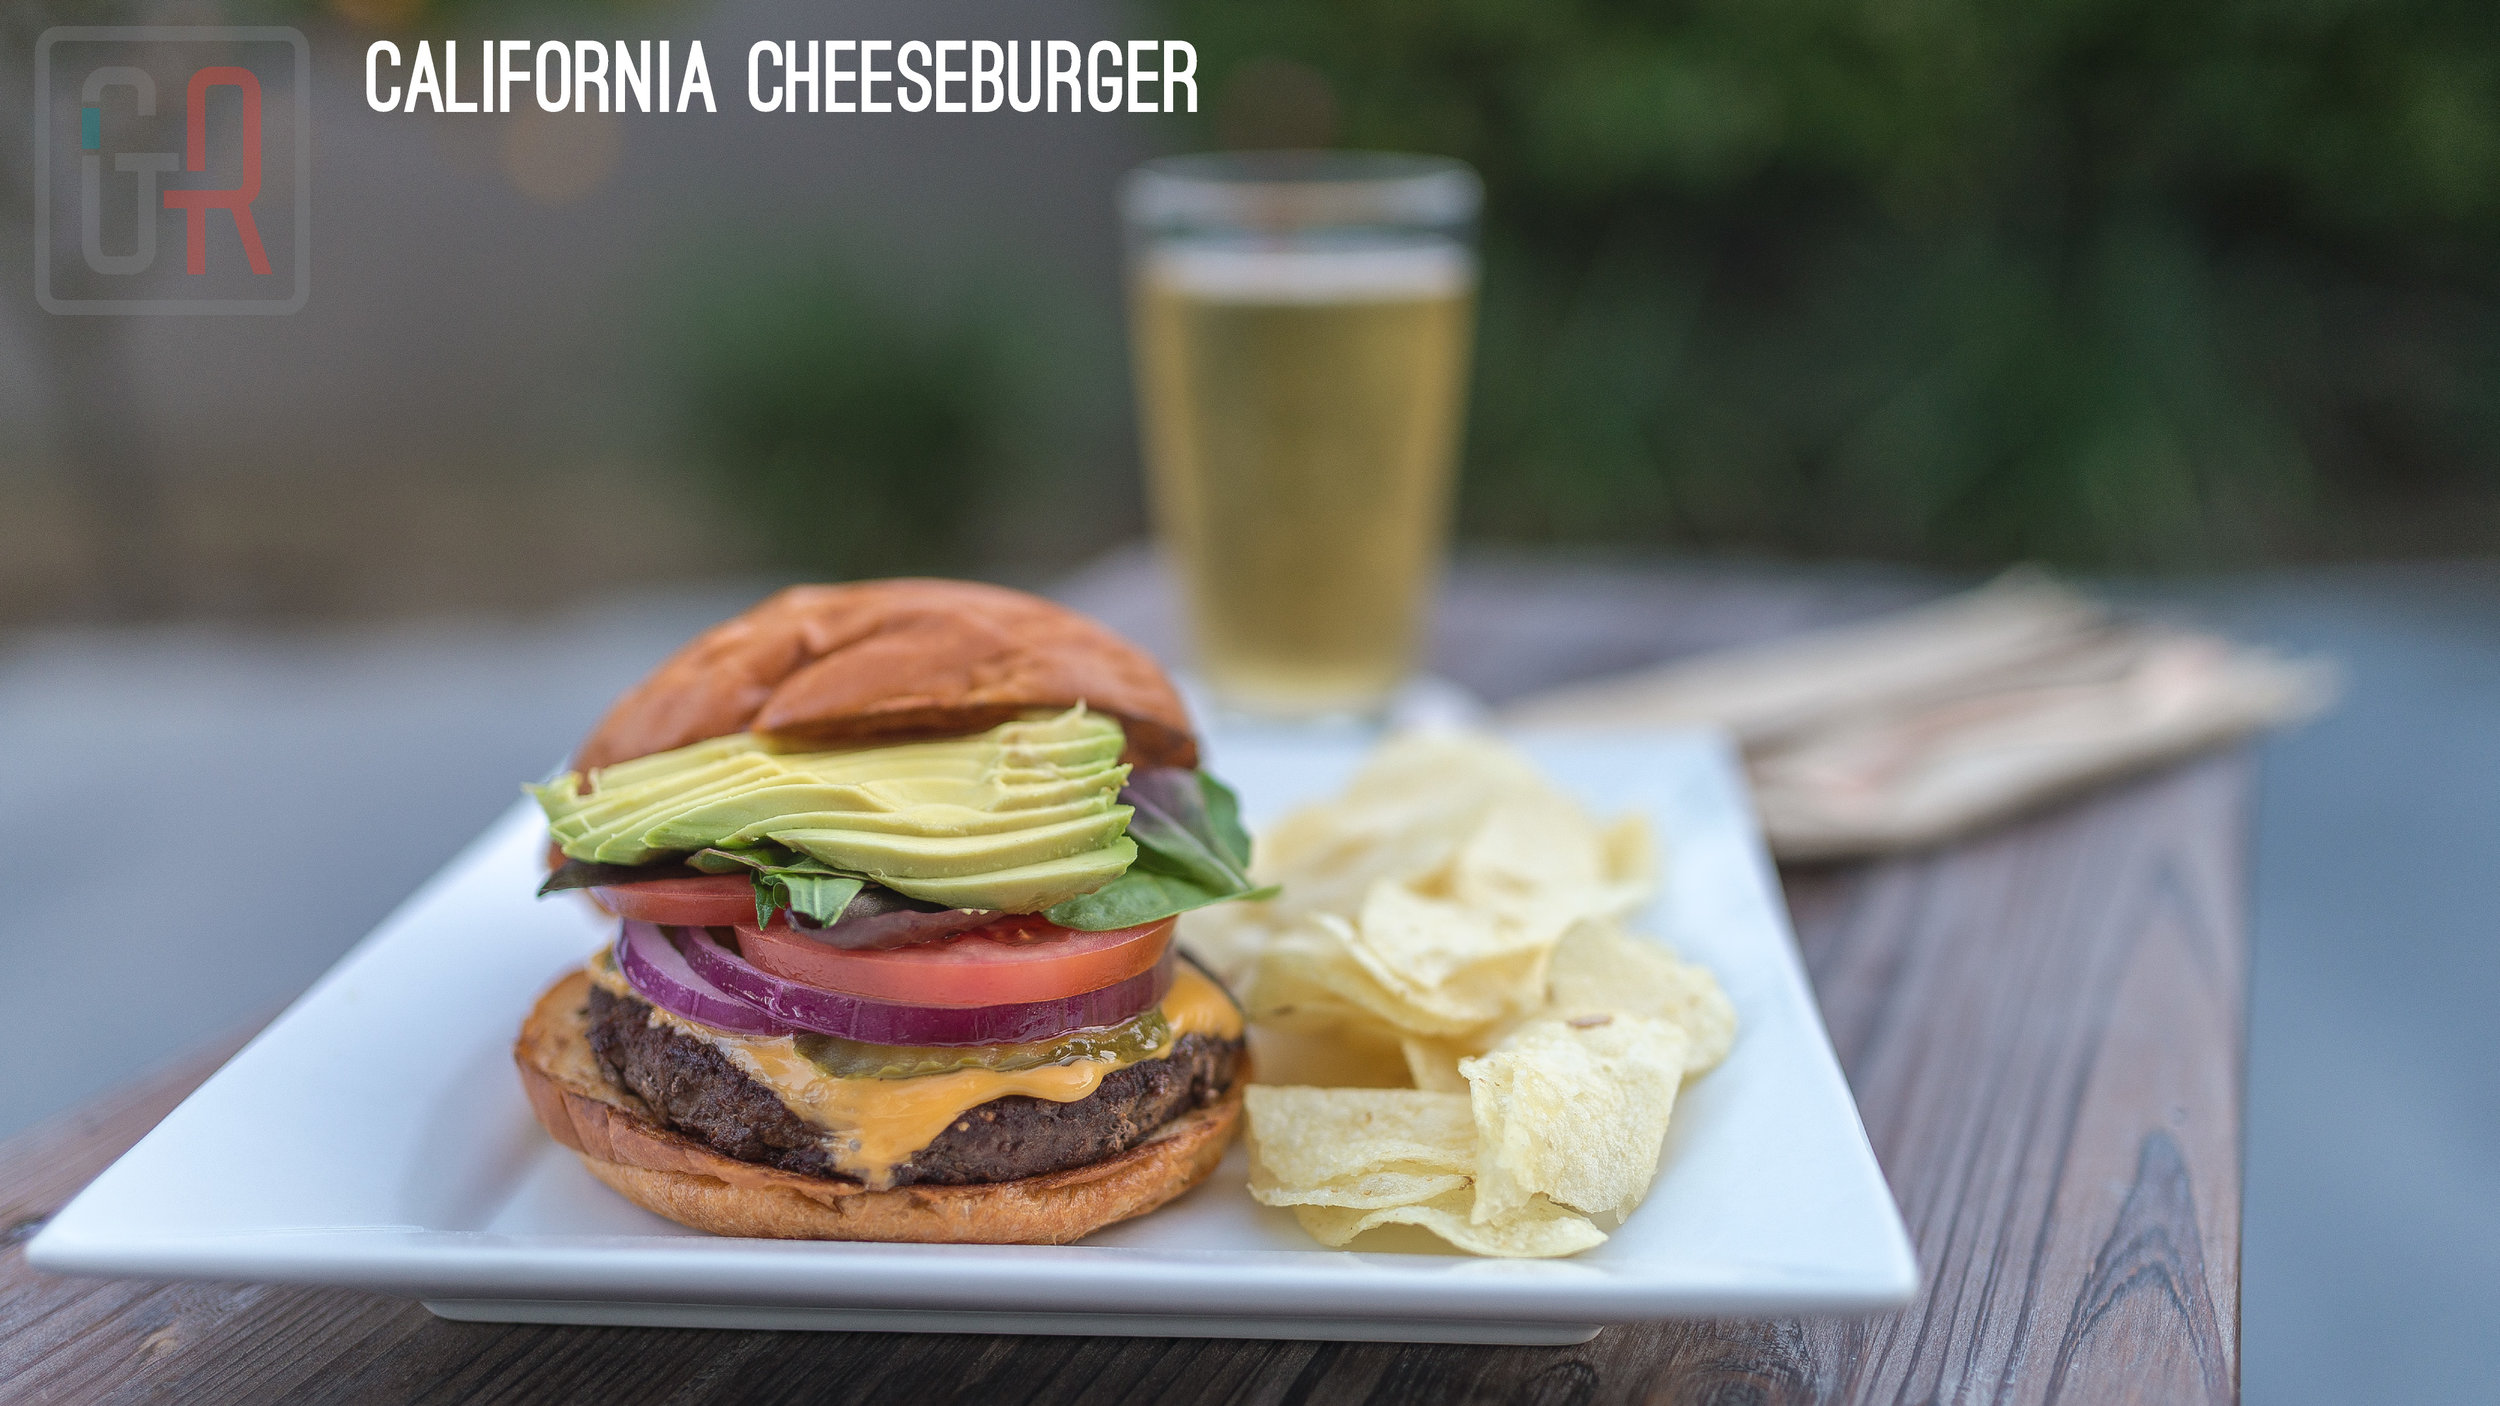 California-Cheeseburger.jpg